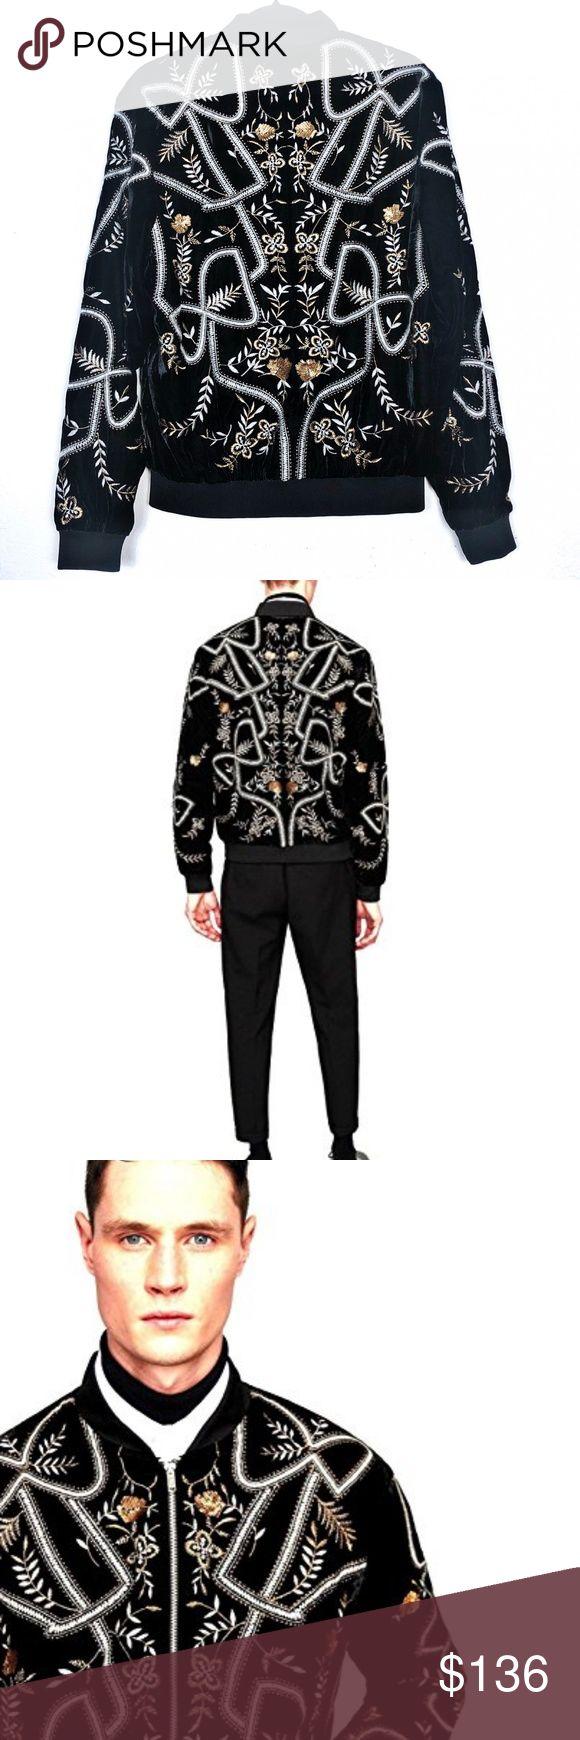 NWT Zara Velvet Embroidered Sequin Bomber Jacket NWT